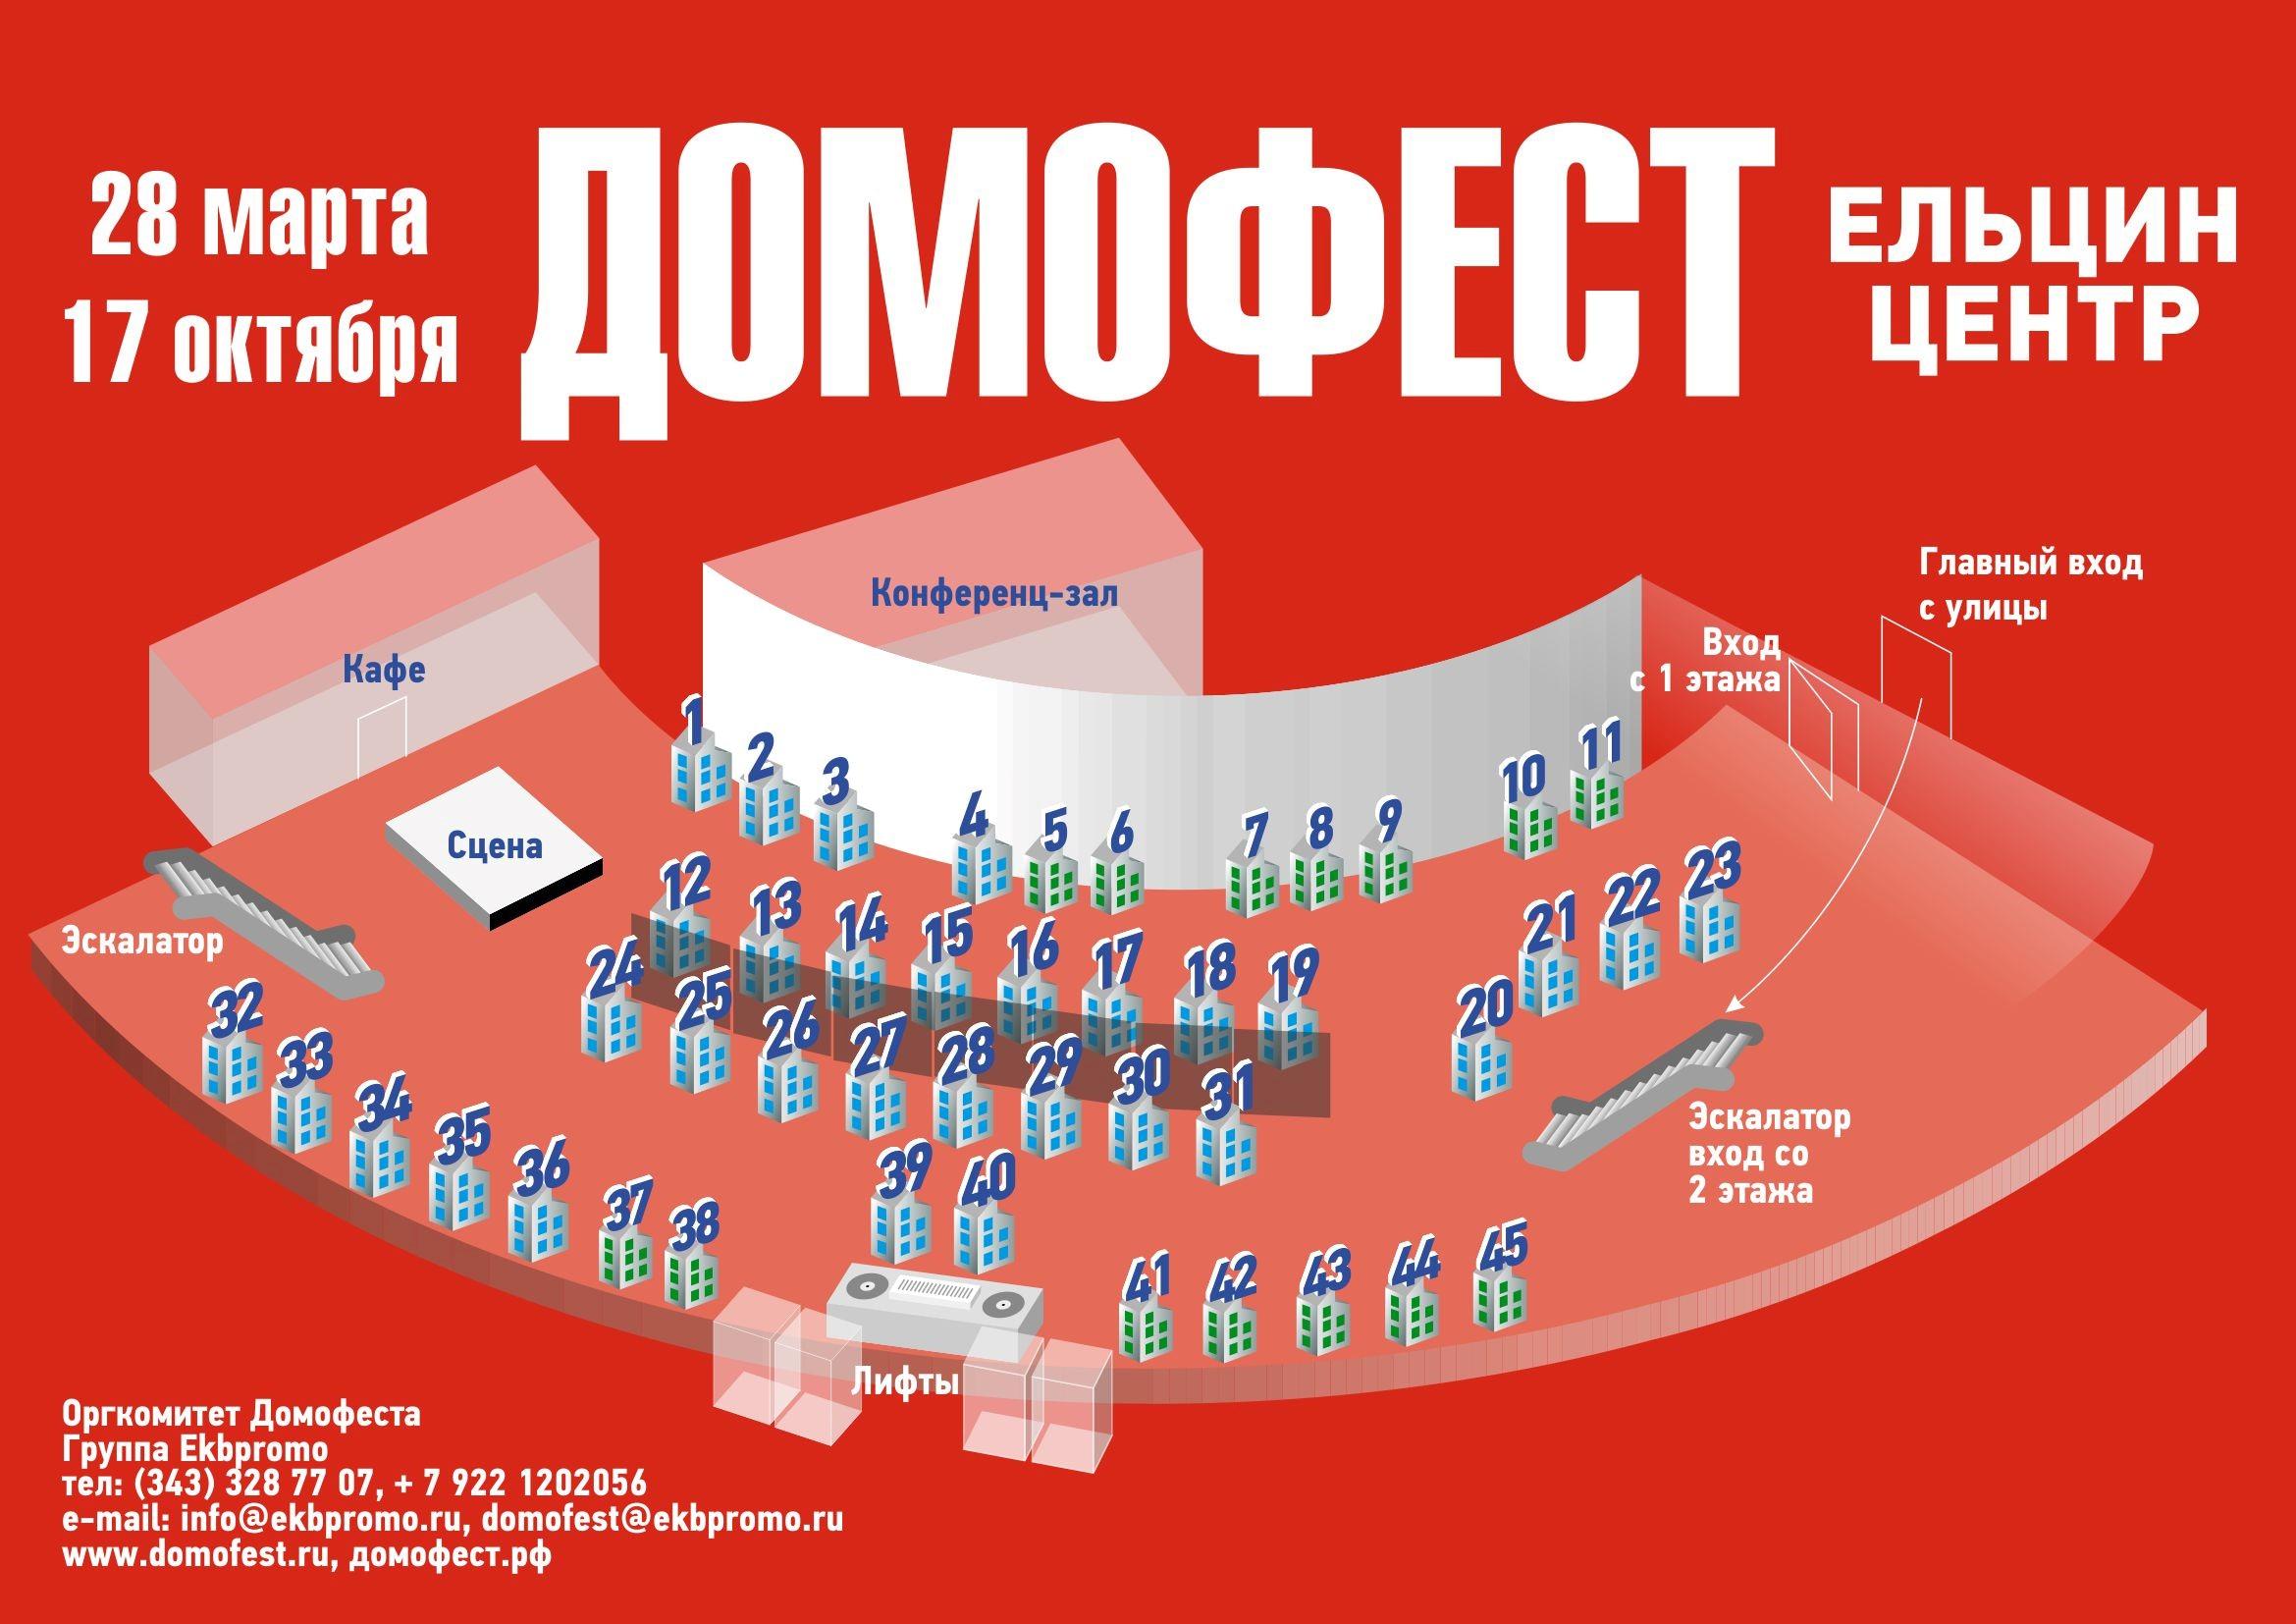 В 2020 году Домофест пройдет  в Екатеринбурге 28 марта и 17 октября